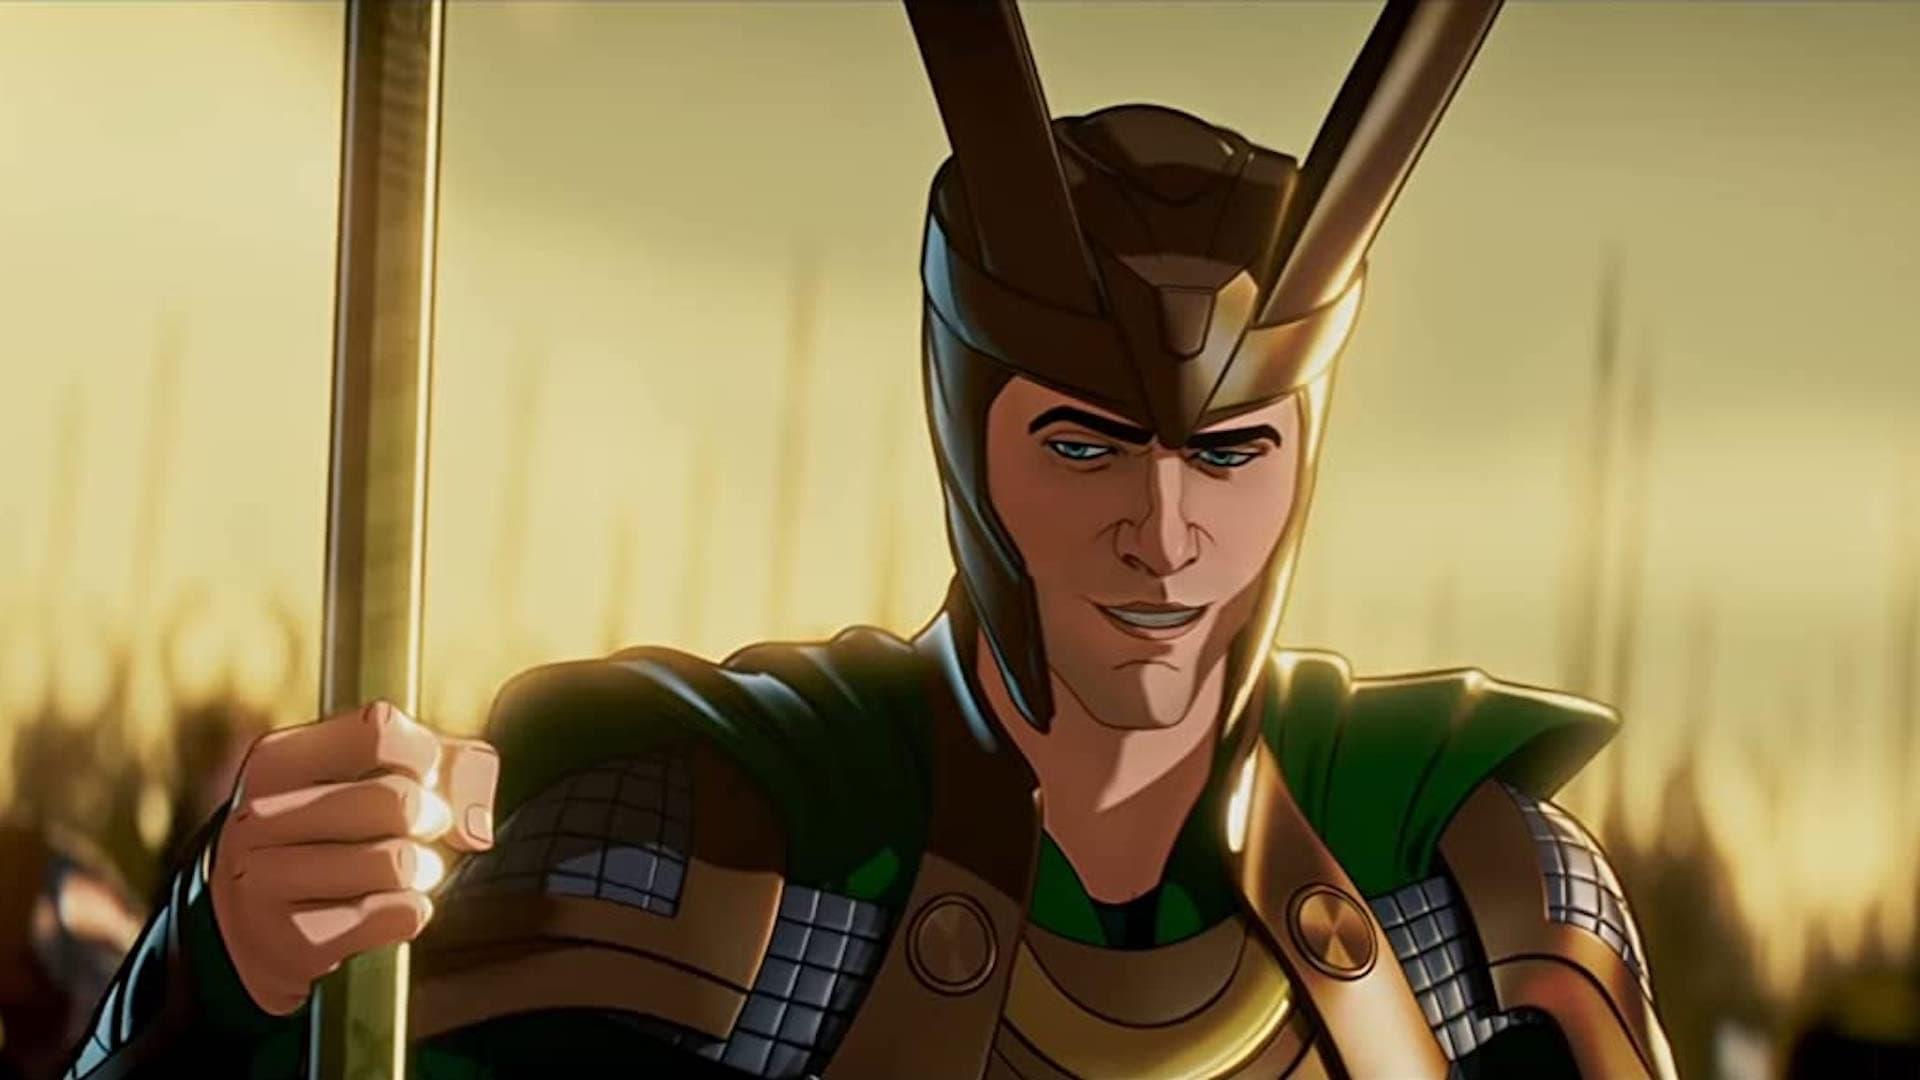 ¿Cuándo estrena el capítulo 3 de What If en Disney Plus? Vuelve Loki